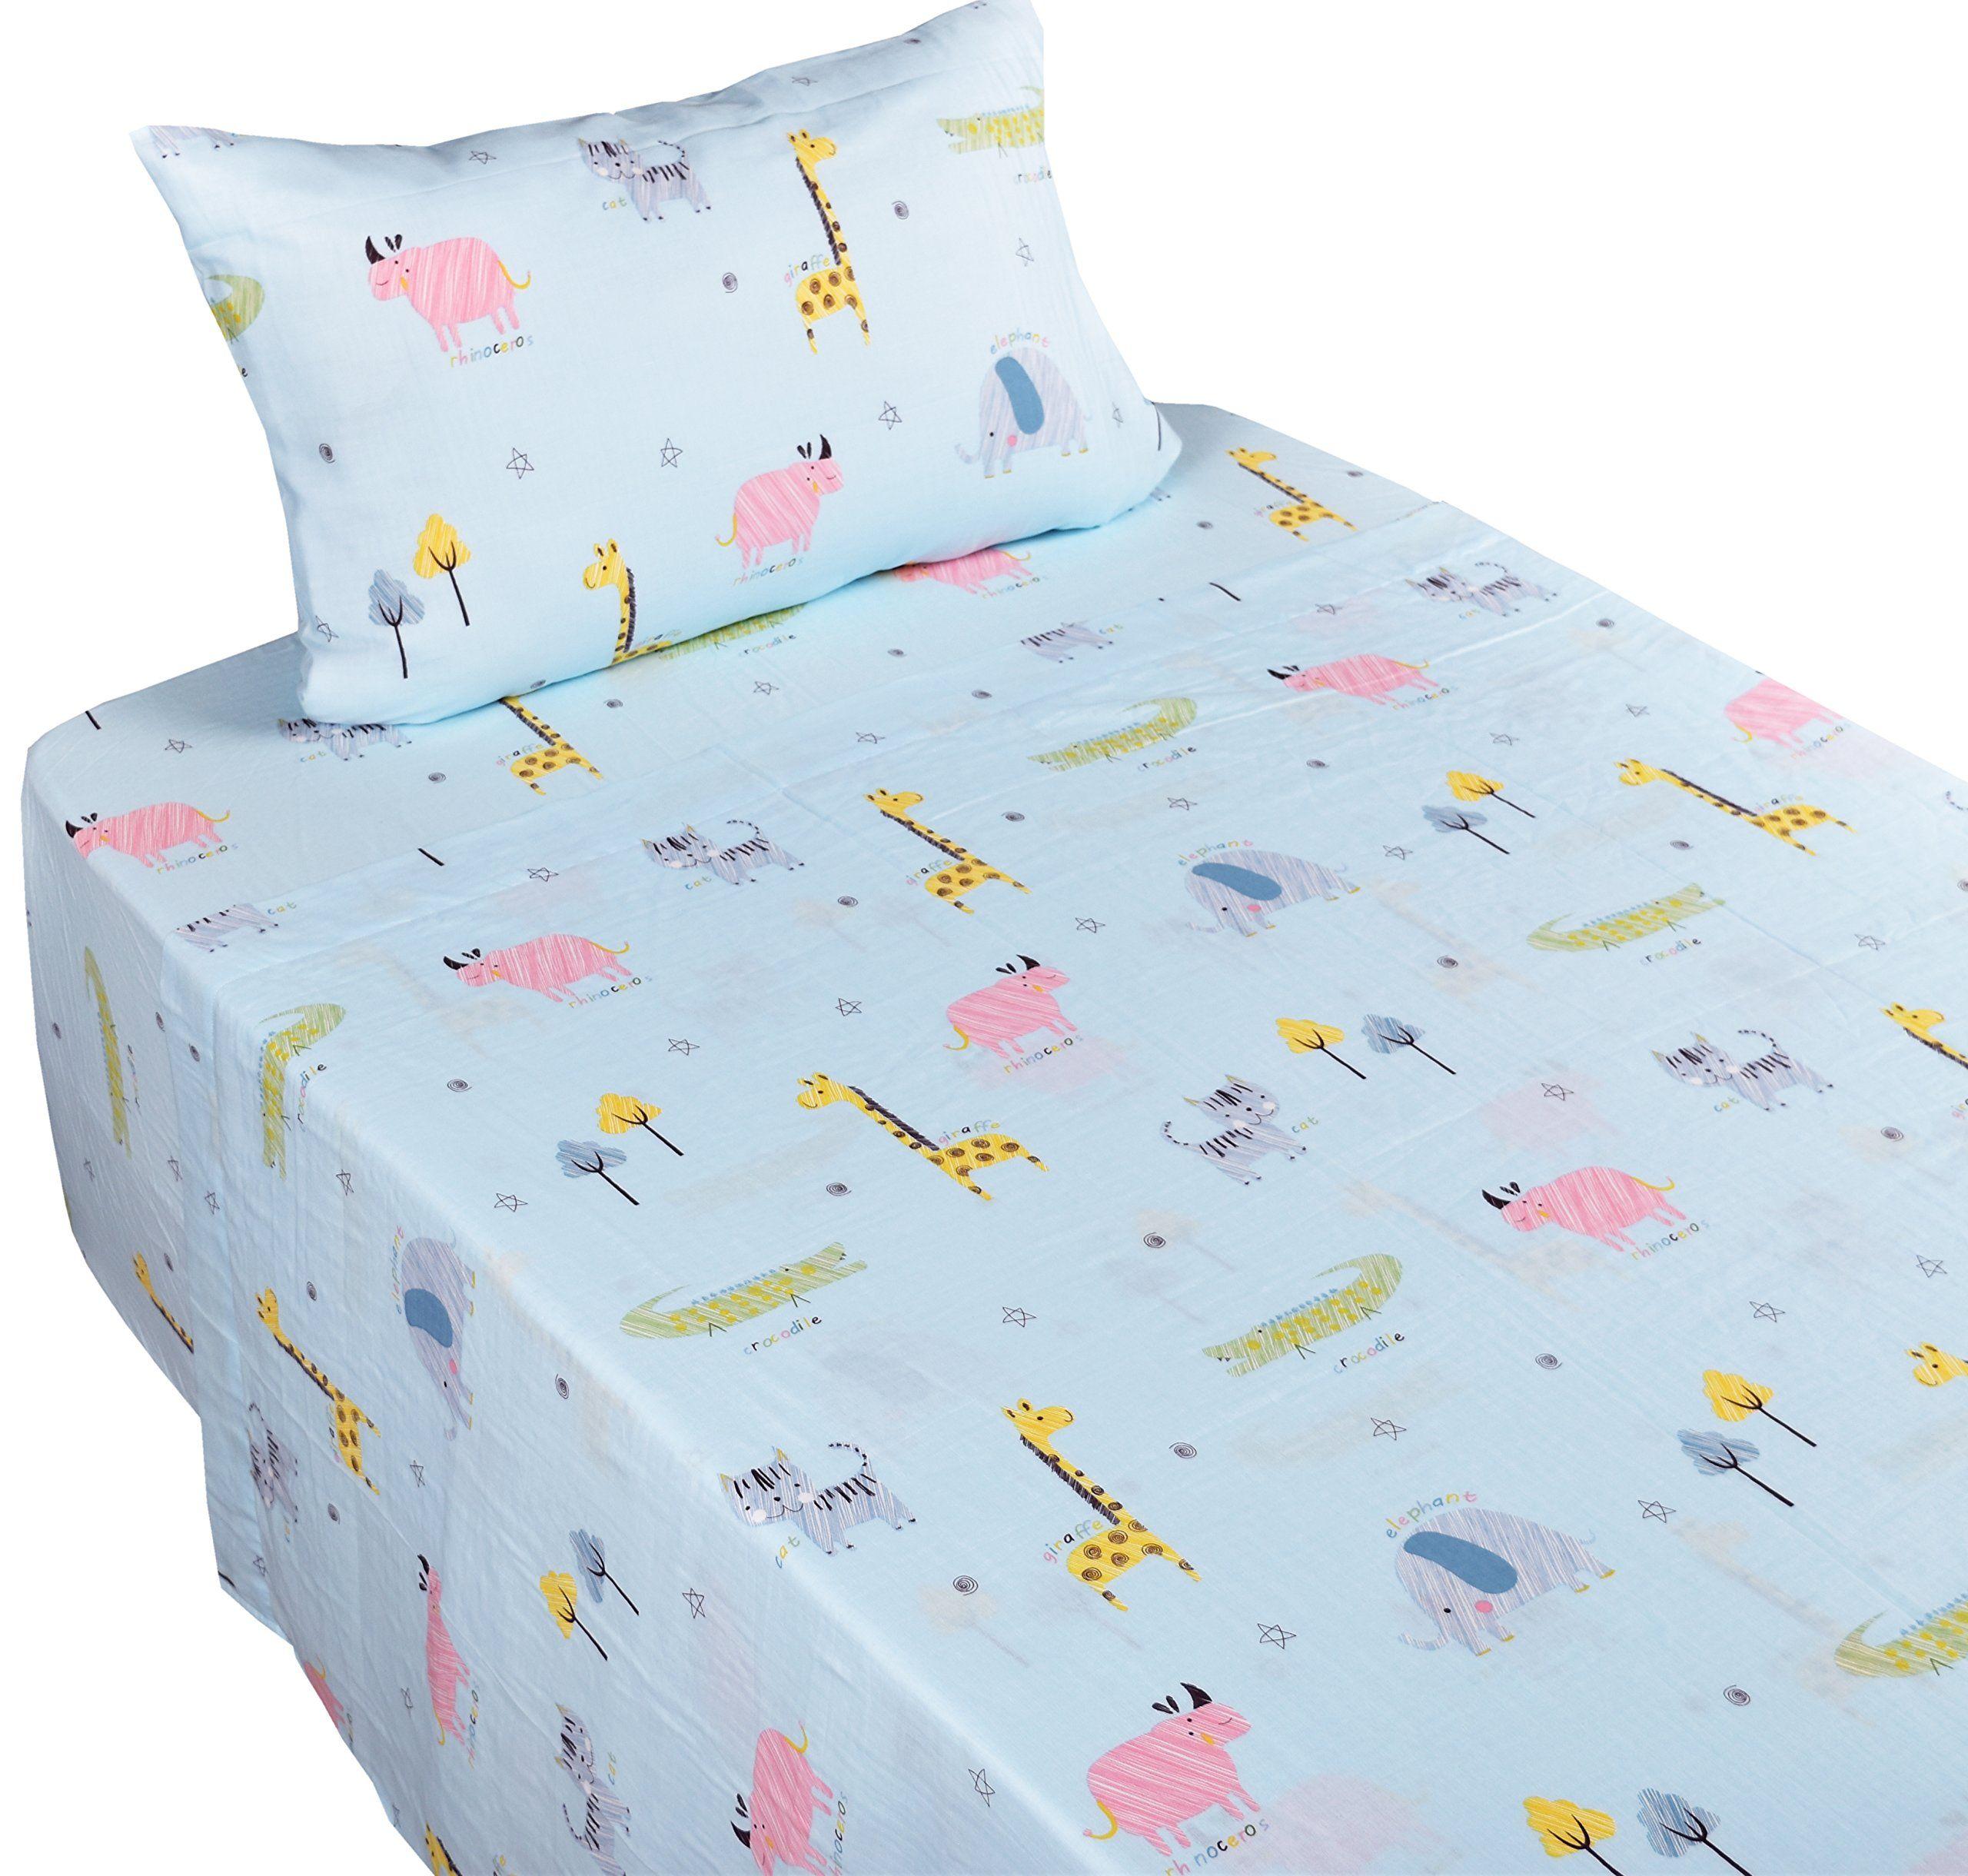 Fitted Sheet Pillowcase Bedding Set Flat Sheet J-pinno Cute Cartoon Pink Dinosaur Twin Sheet Set for Kids Girl Children,100/% Cotton